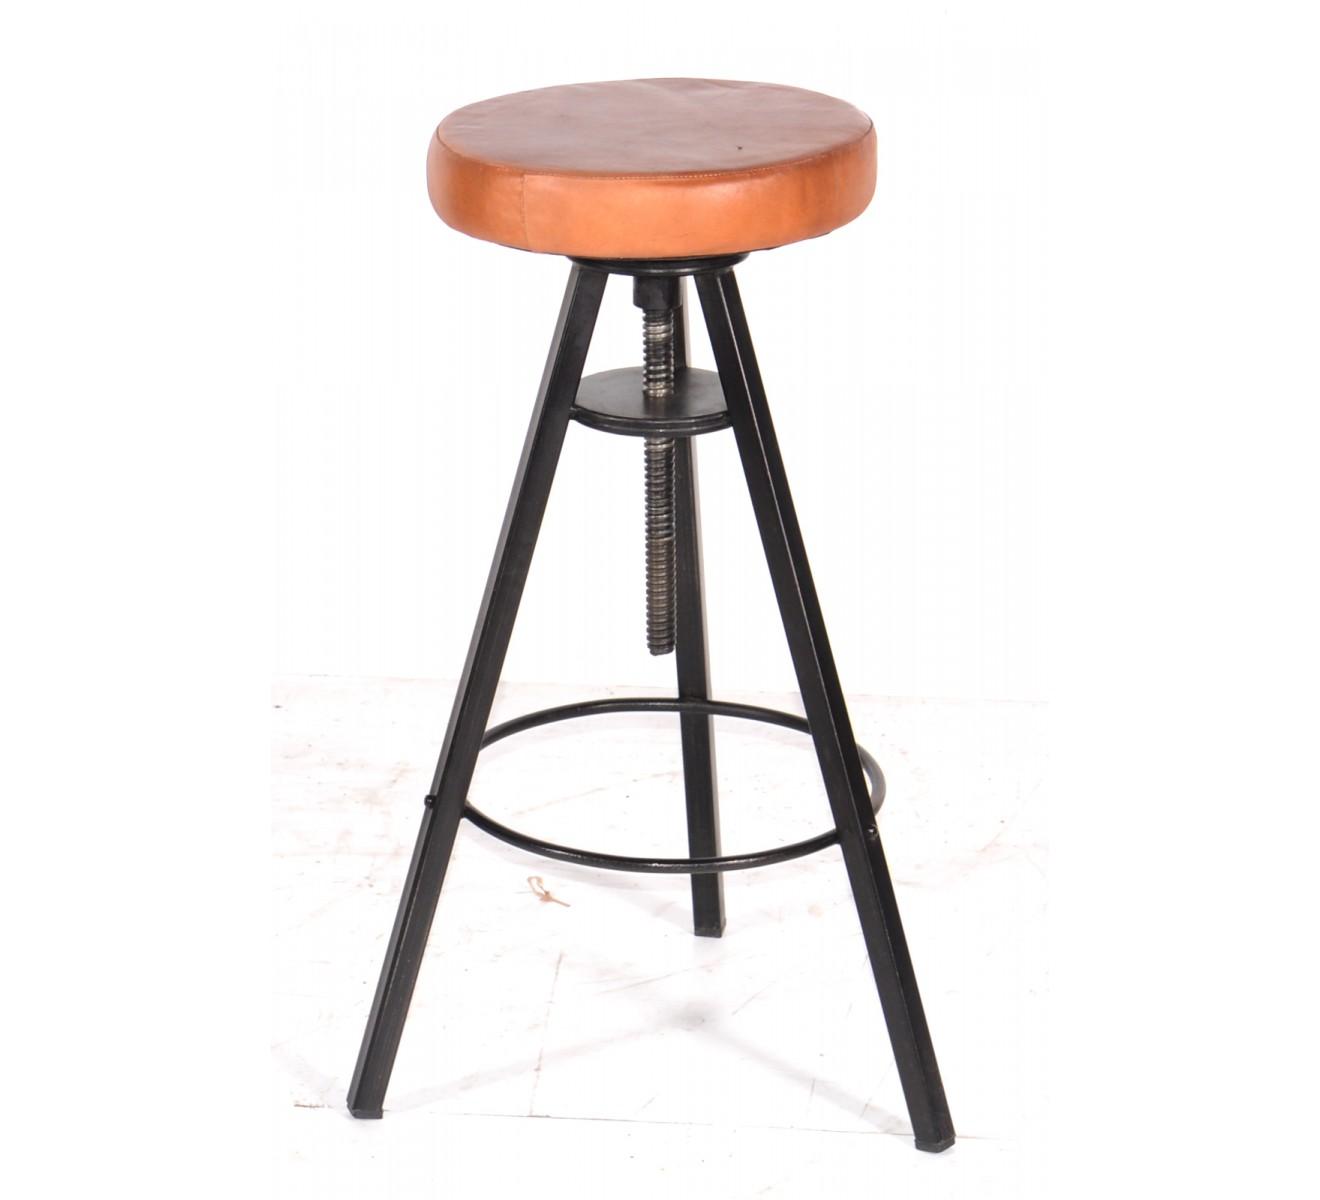 tabouret de bar industriel 65 cm mobilier design d coration d 39 int rieur. Black Bedroom Furniture Sets. Home Design Ideas